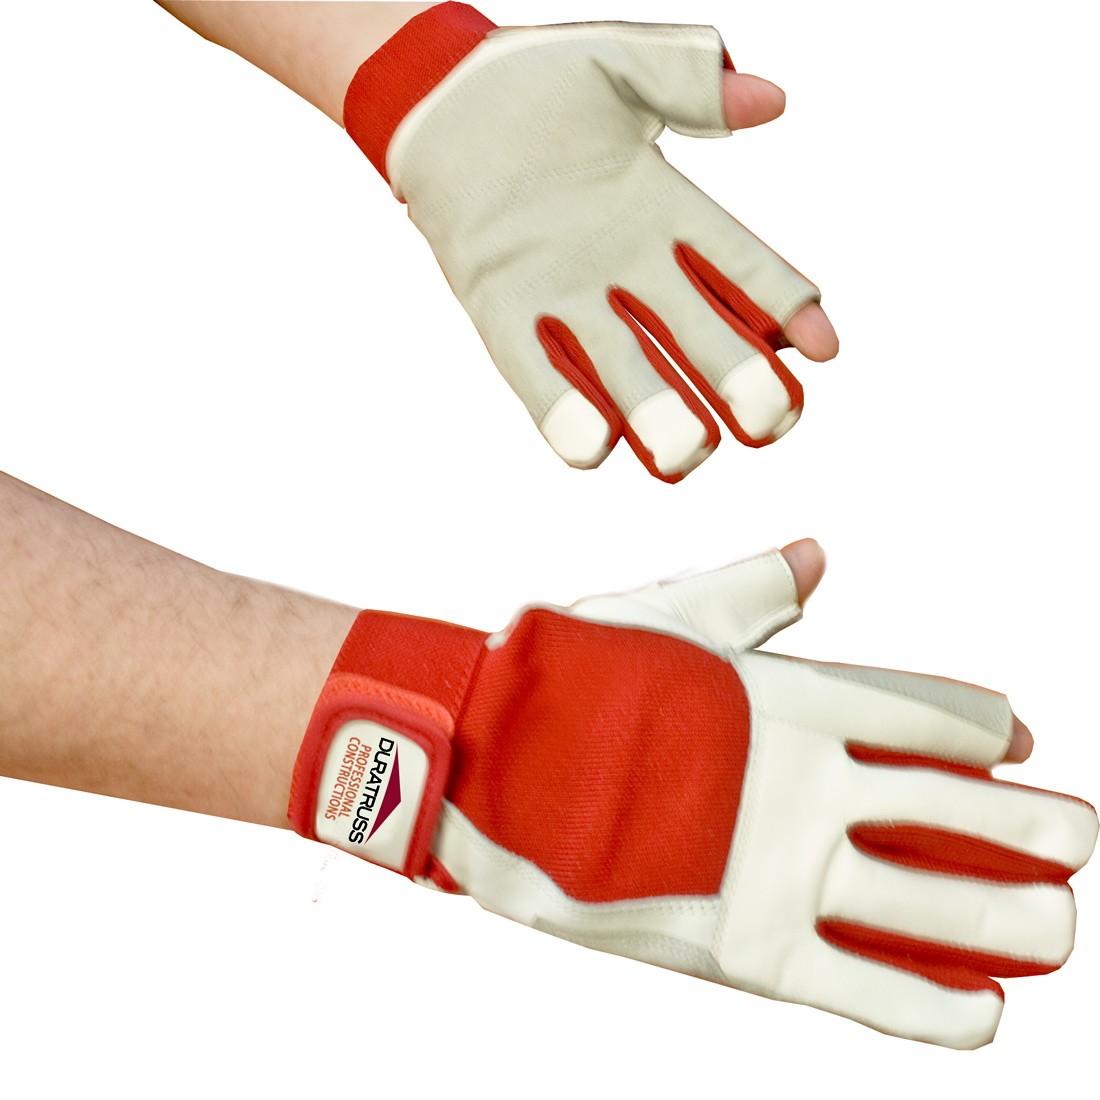 Duratruss DT Working gloves Size: XL